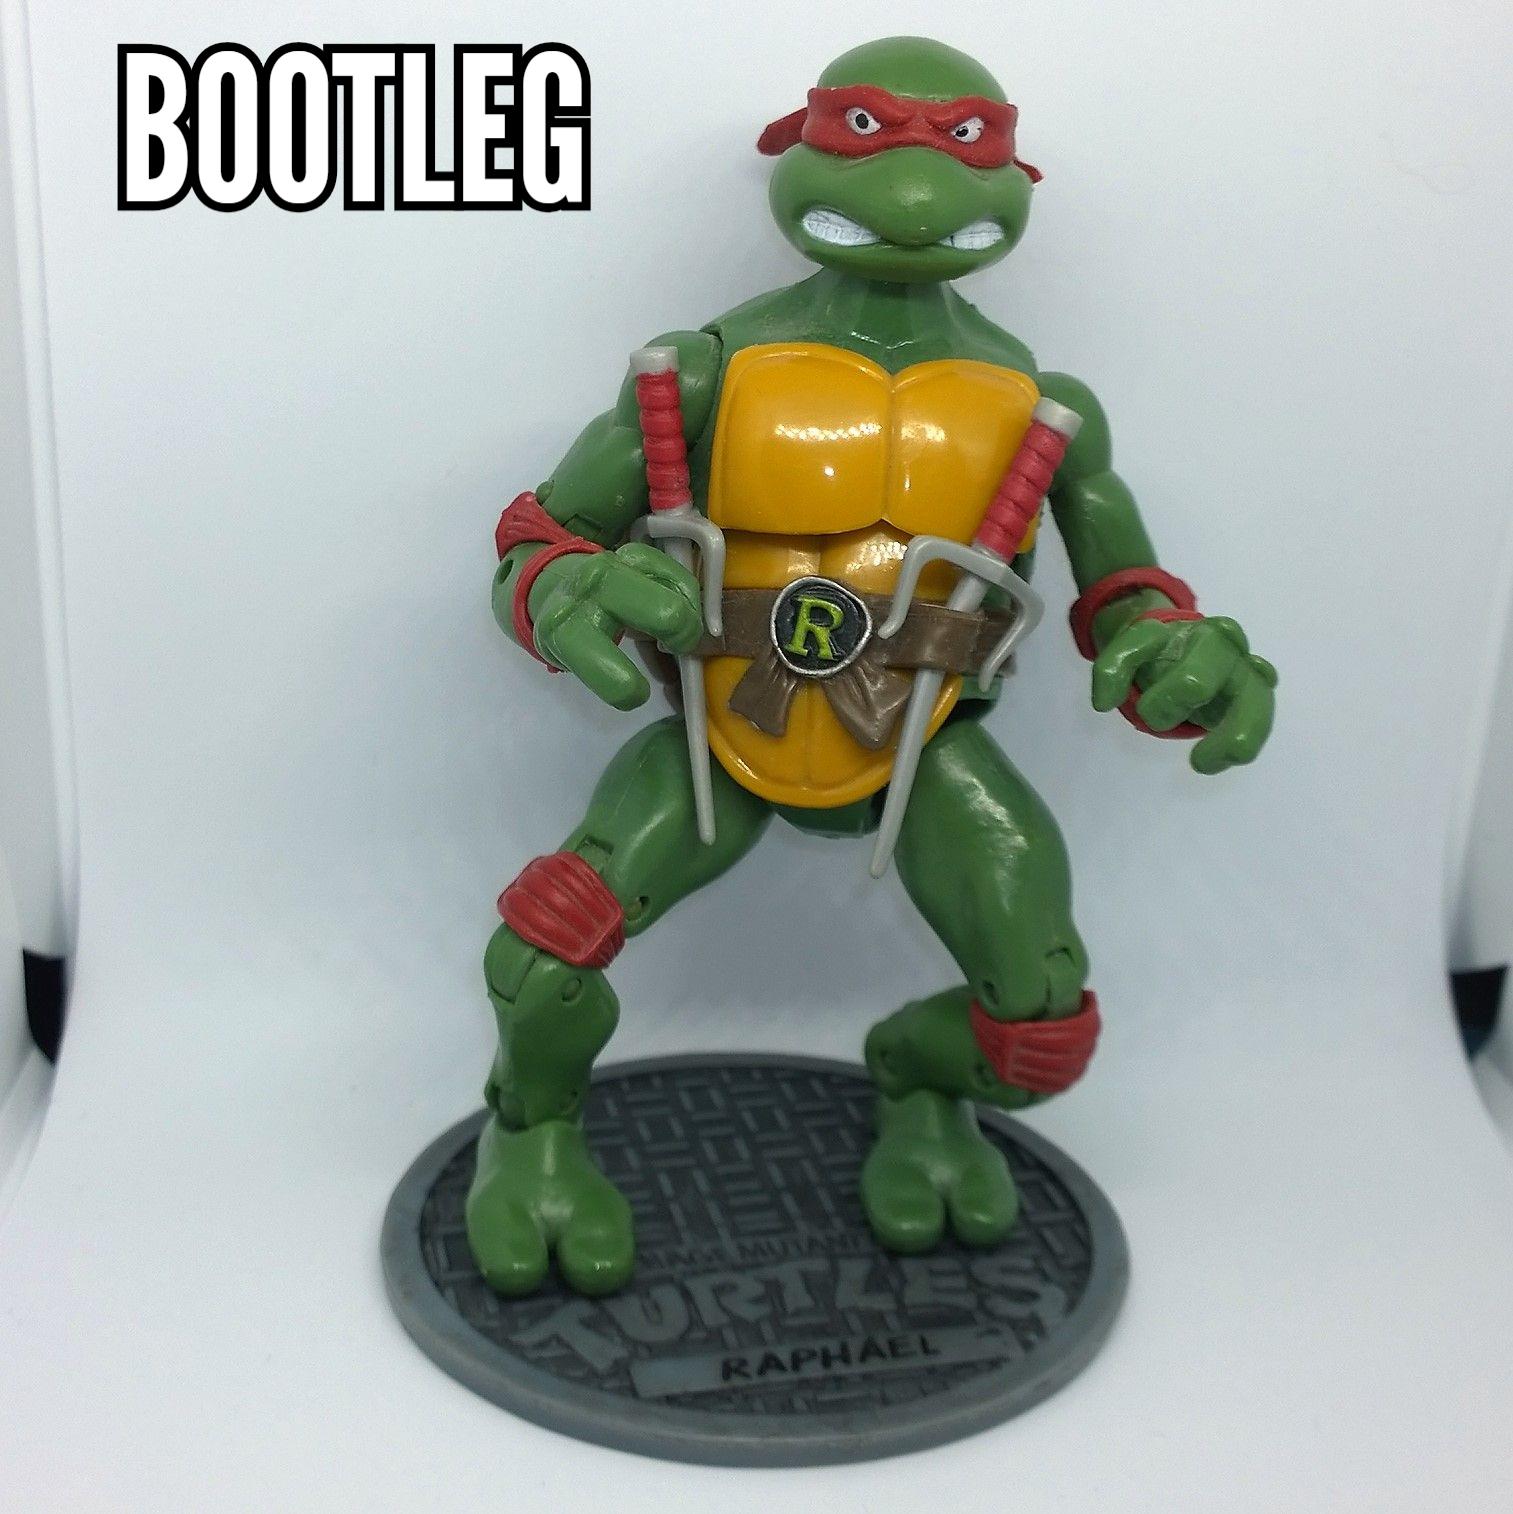 Teenage Mutant Ninja Turtles Classics Tmnt Raphael 2012 Bootleg